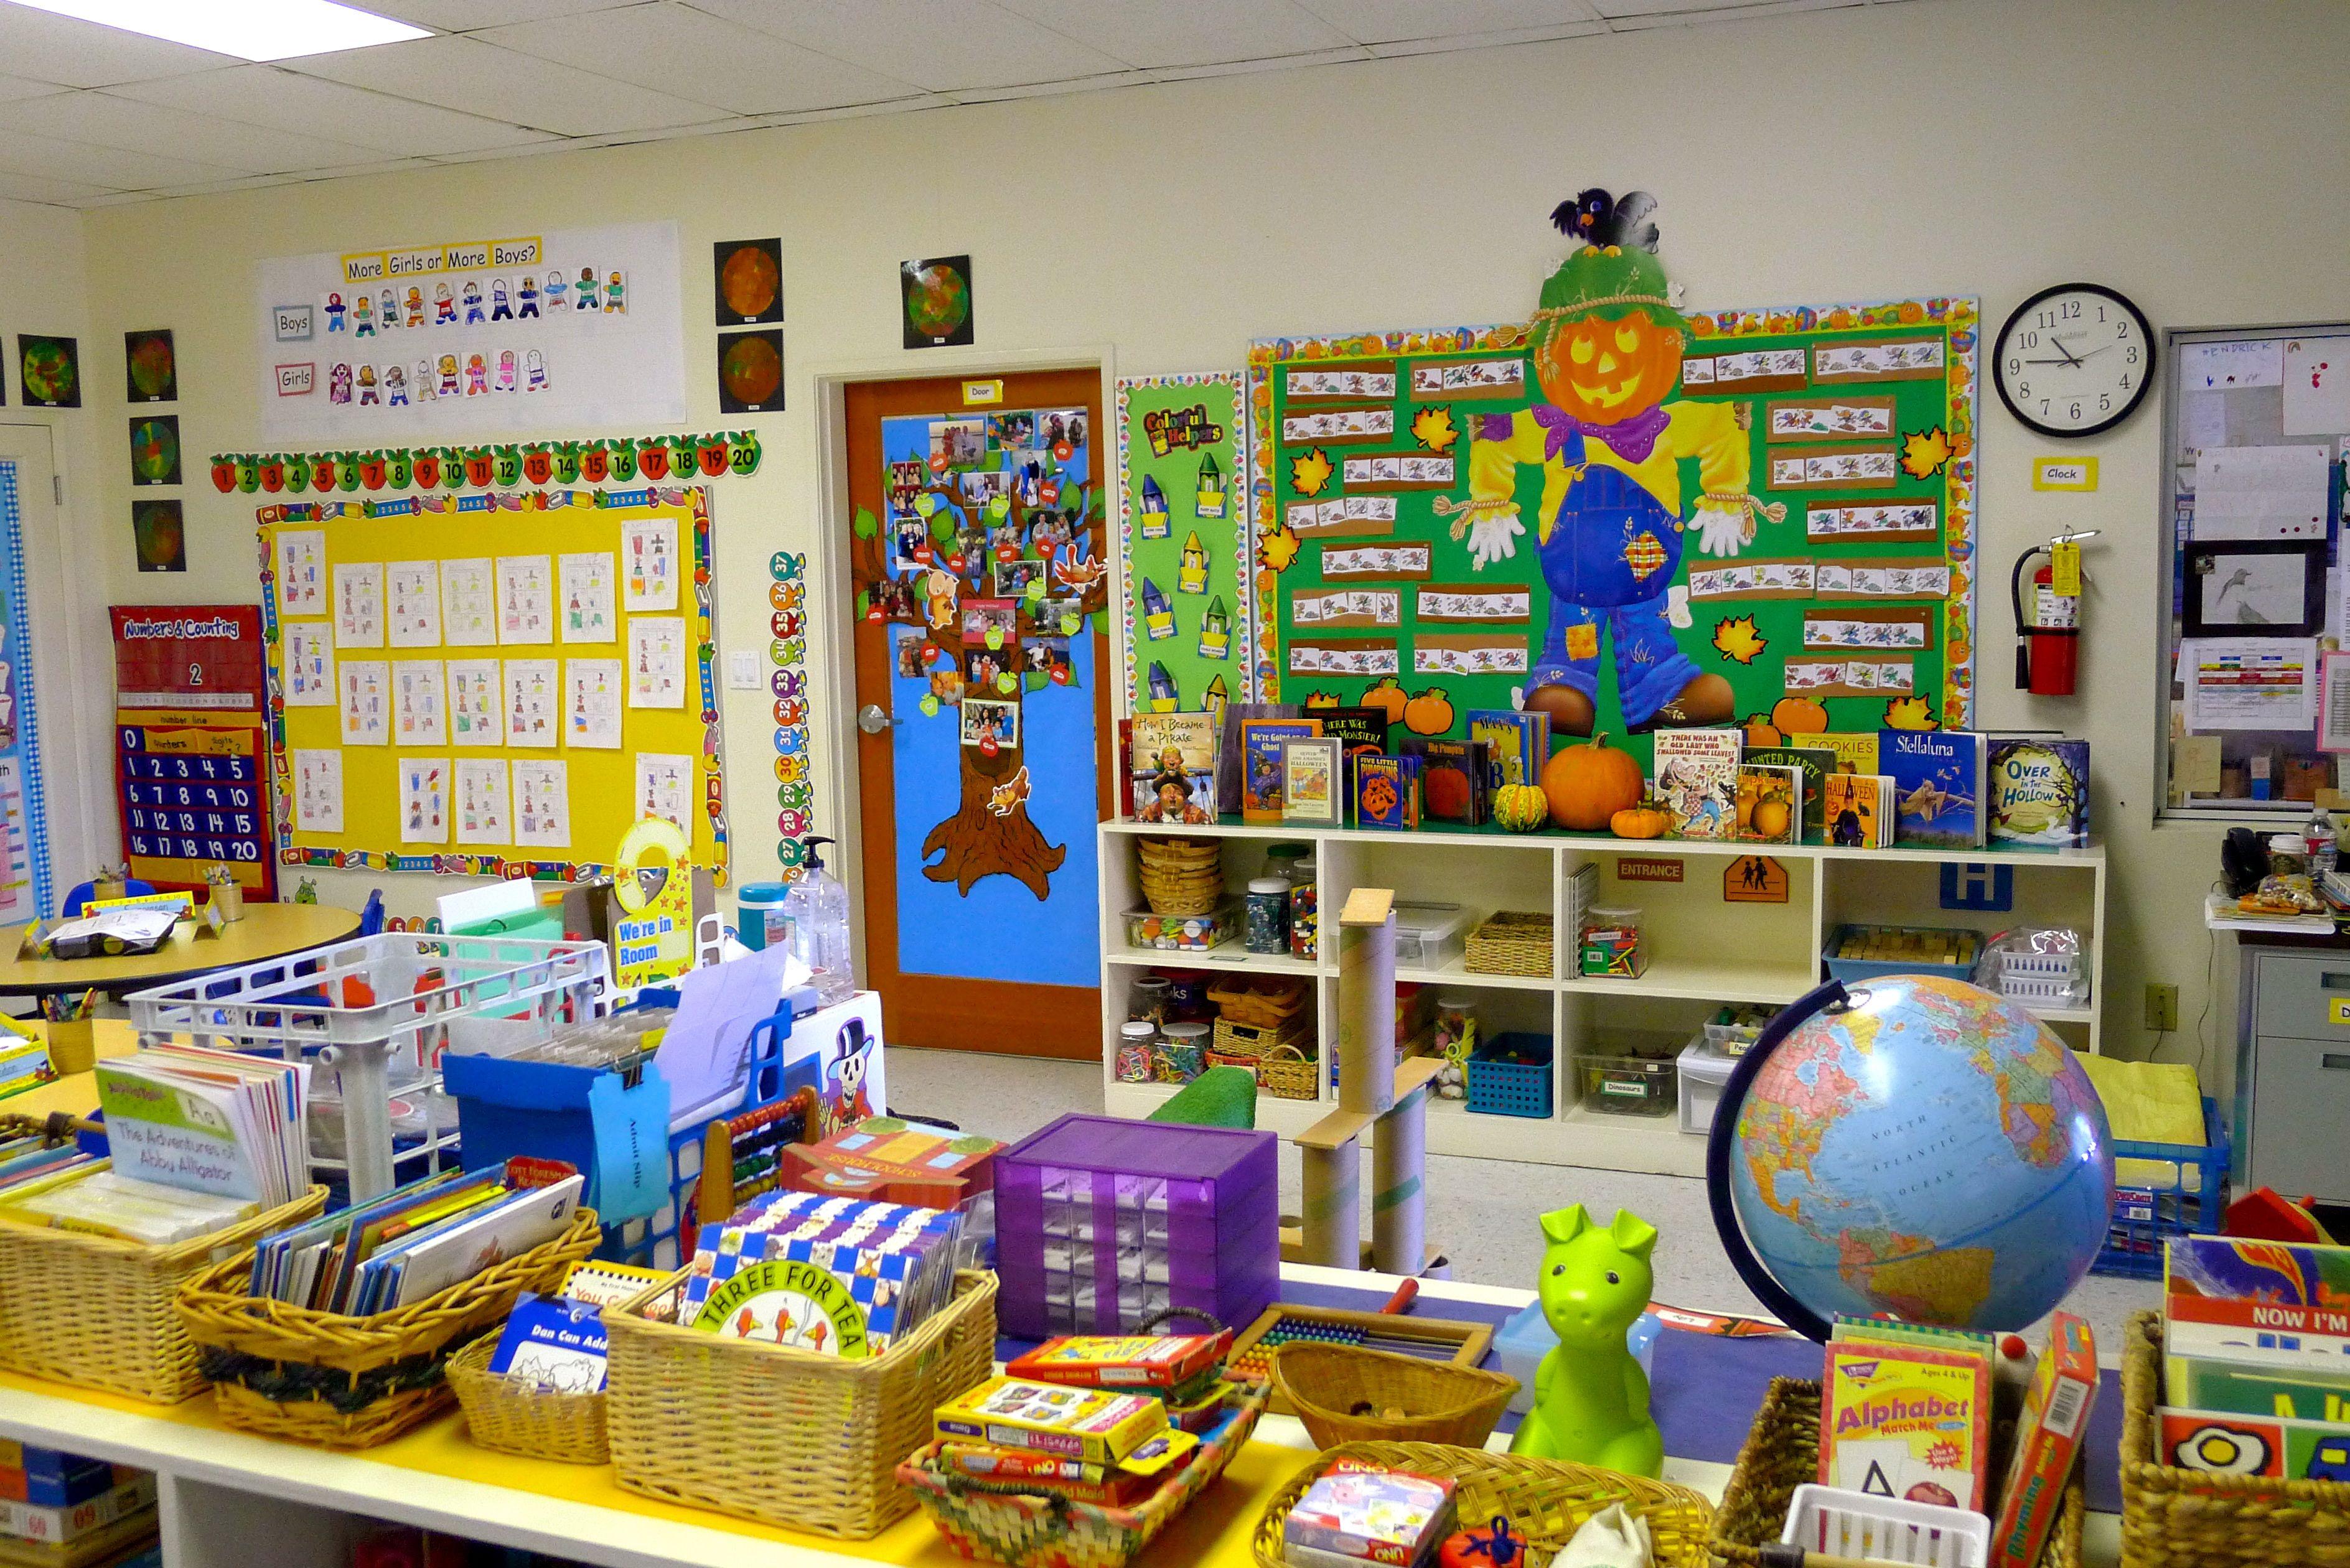 The 25 best ideas about kindergarten interior on pinterest - Kindergarten Classroom Background Www Galleryhip Com